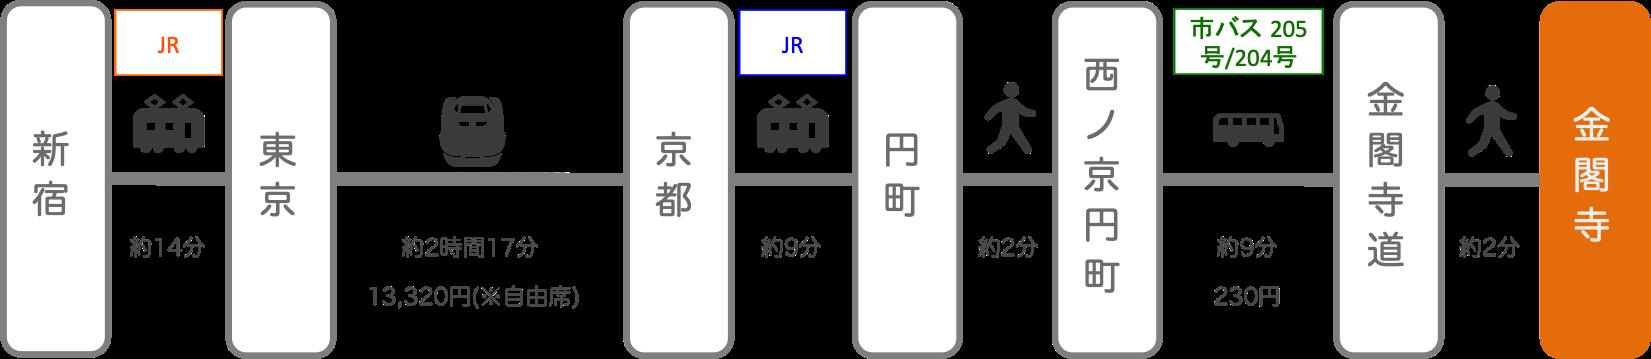 金閣寺_新宿(東京)_新幹線